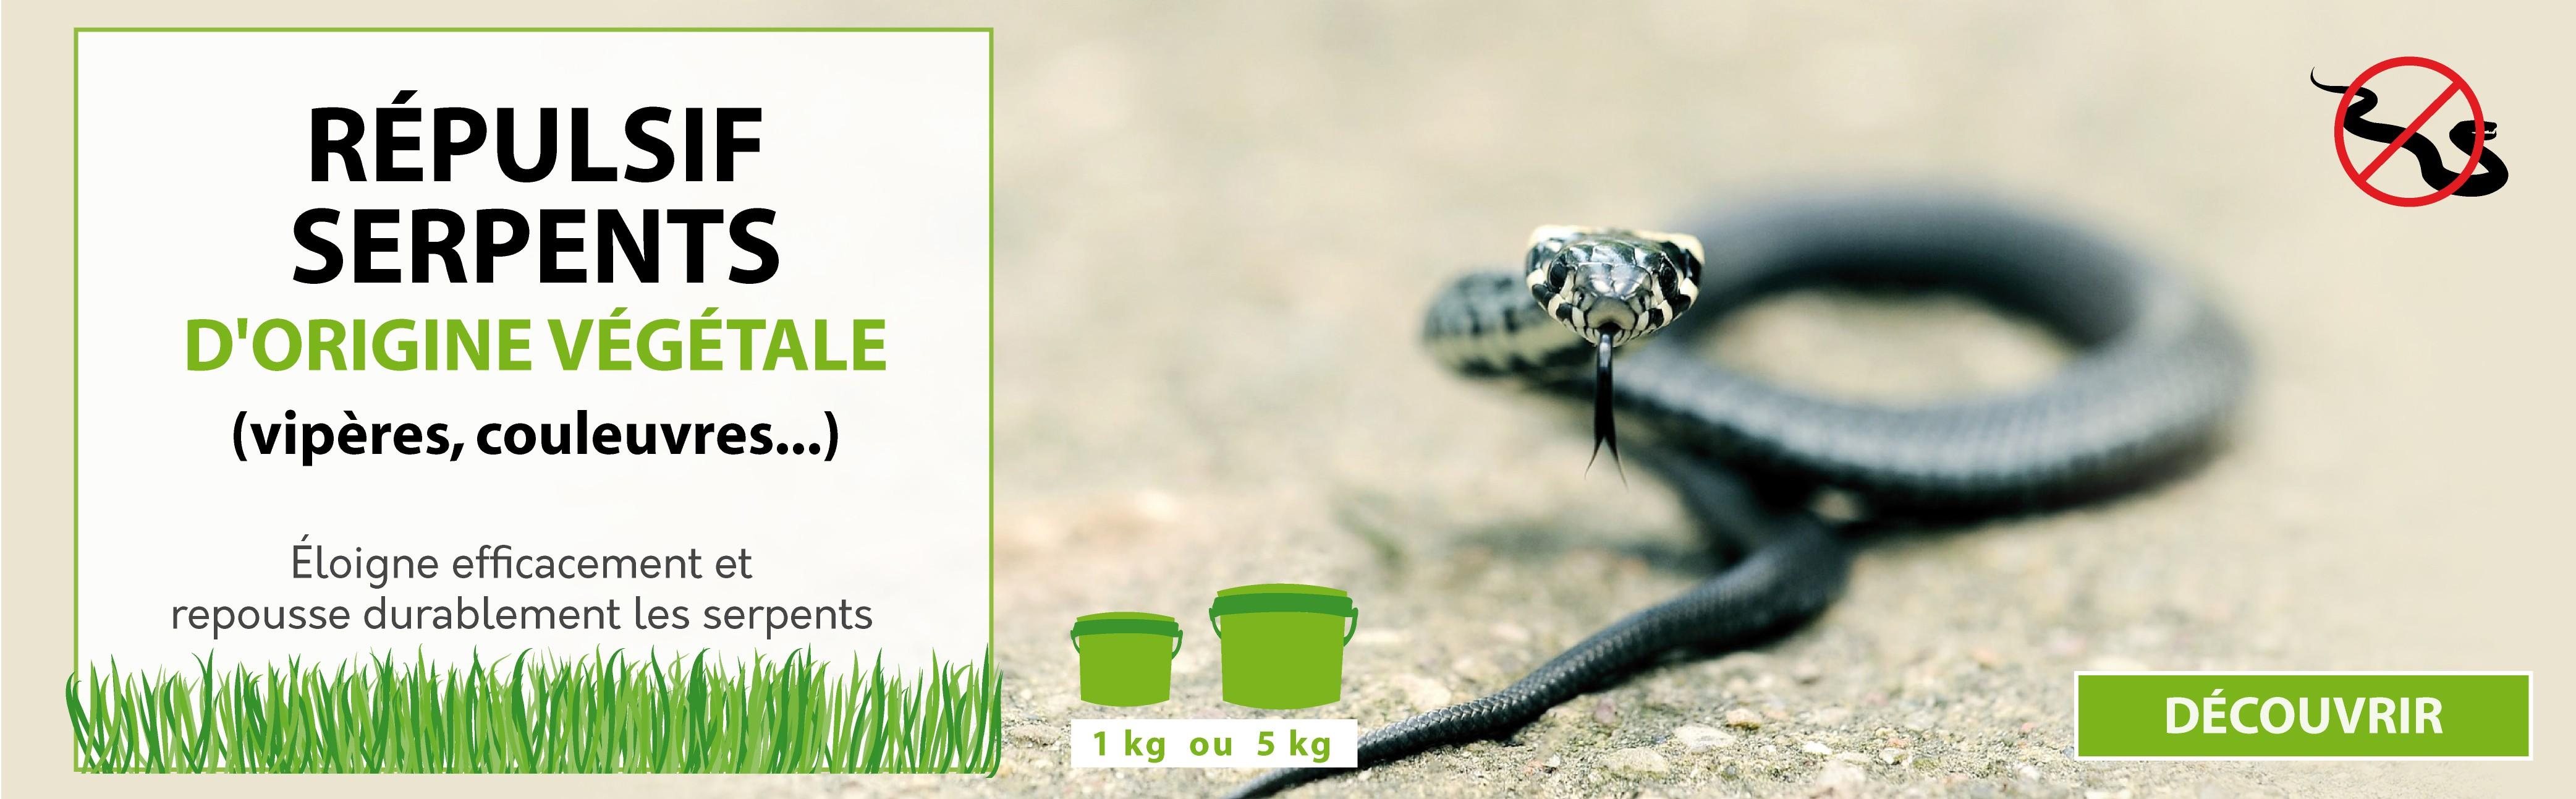 Répulsif serpents d'origine végétale